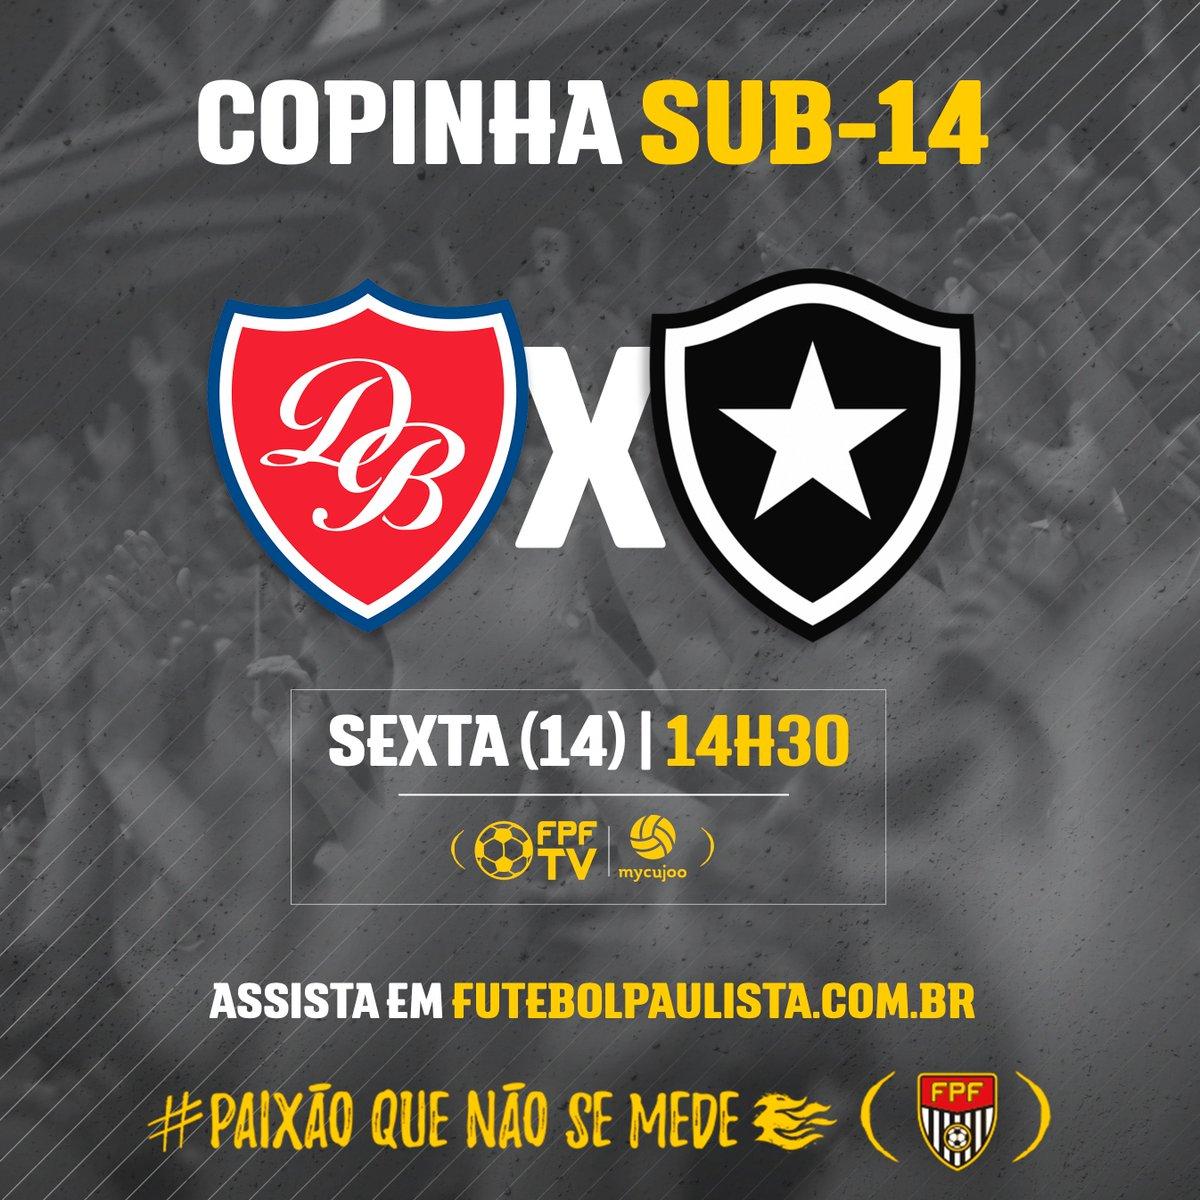 Pela Copinha Sub-14, Desportivo Brasil e Botafogo-RJ se enfrentam com transmissão AO VIVO da FPF TV! Link do jogo 👉 https://t.co/jUUgDVBzn0 #FPF #EsseÉoMeuJogo #FutebolPaulista #PaixãoQueNãoSeMede